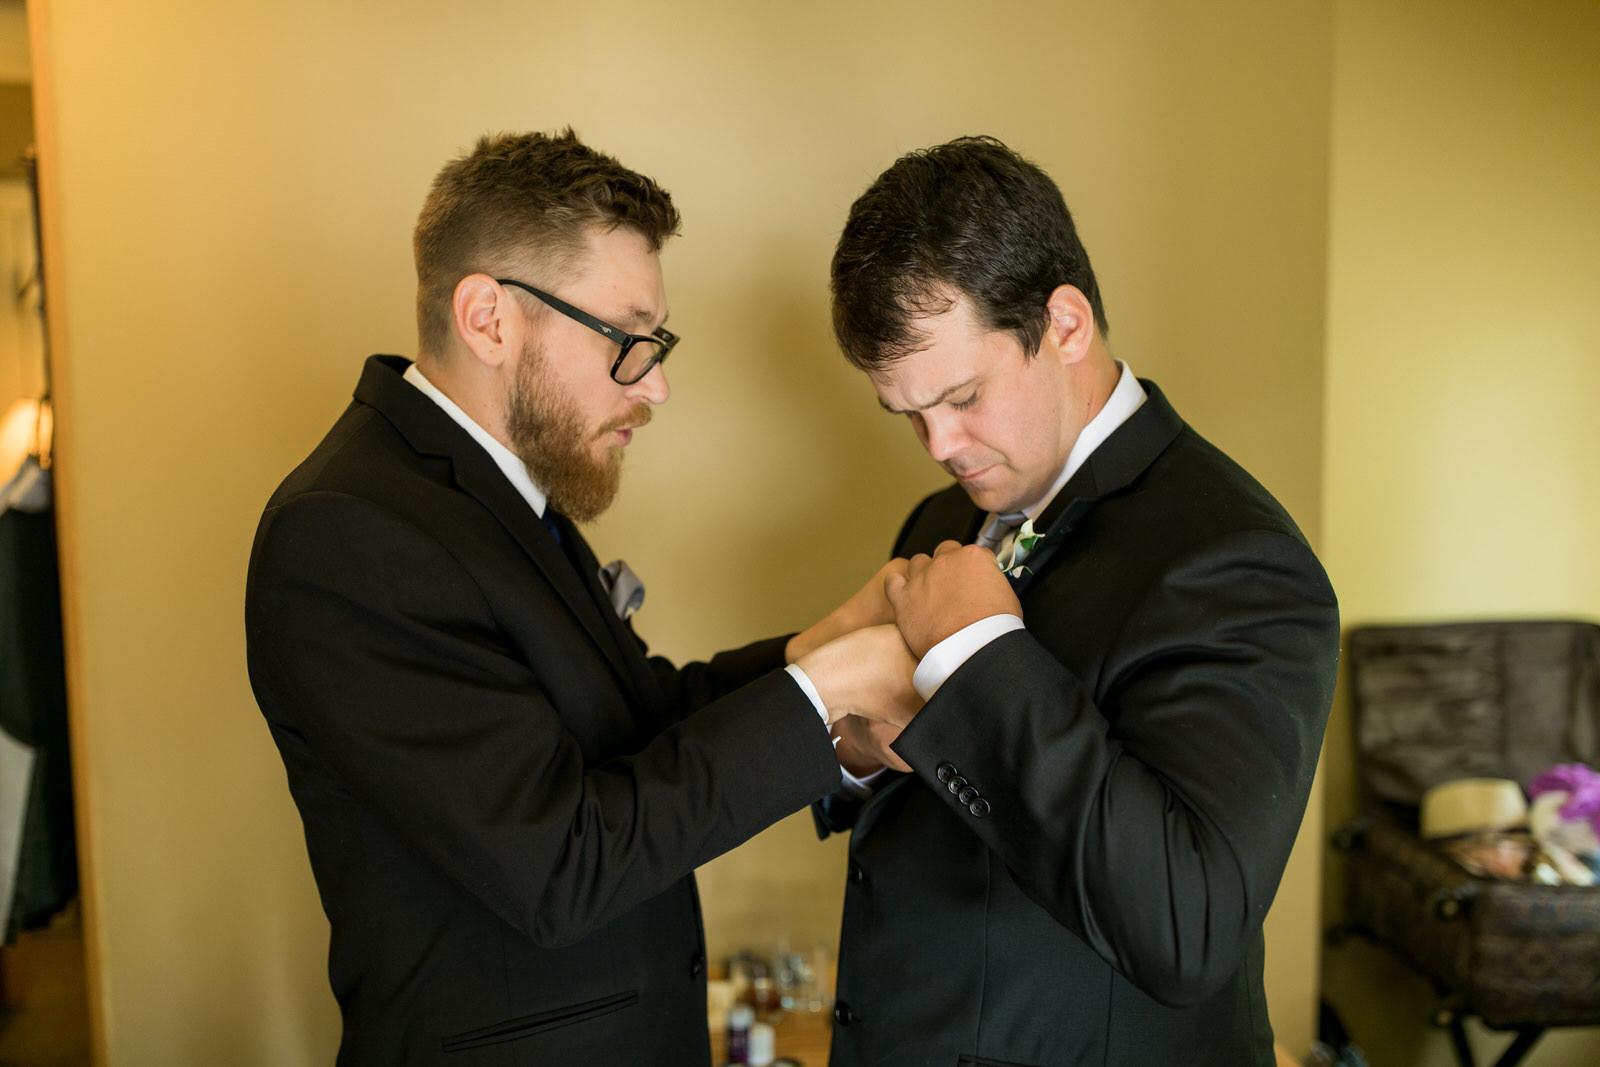 Emerald Lake Wedding Photographer